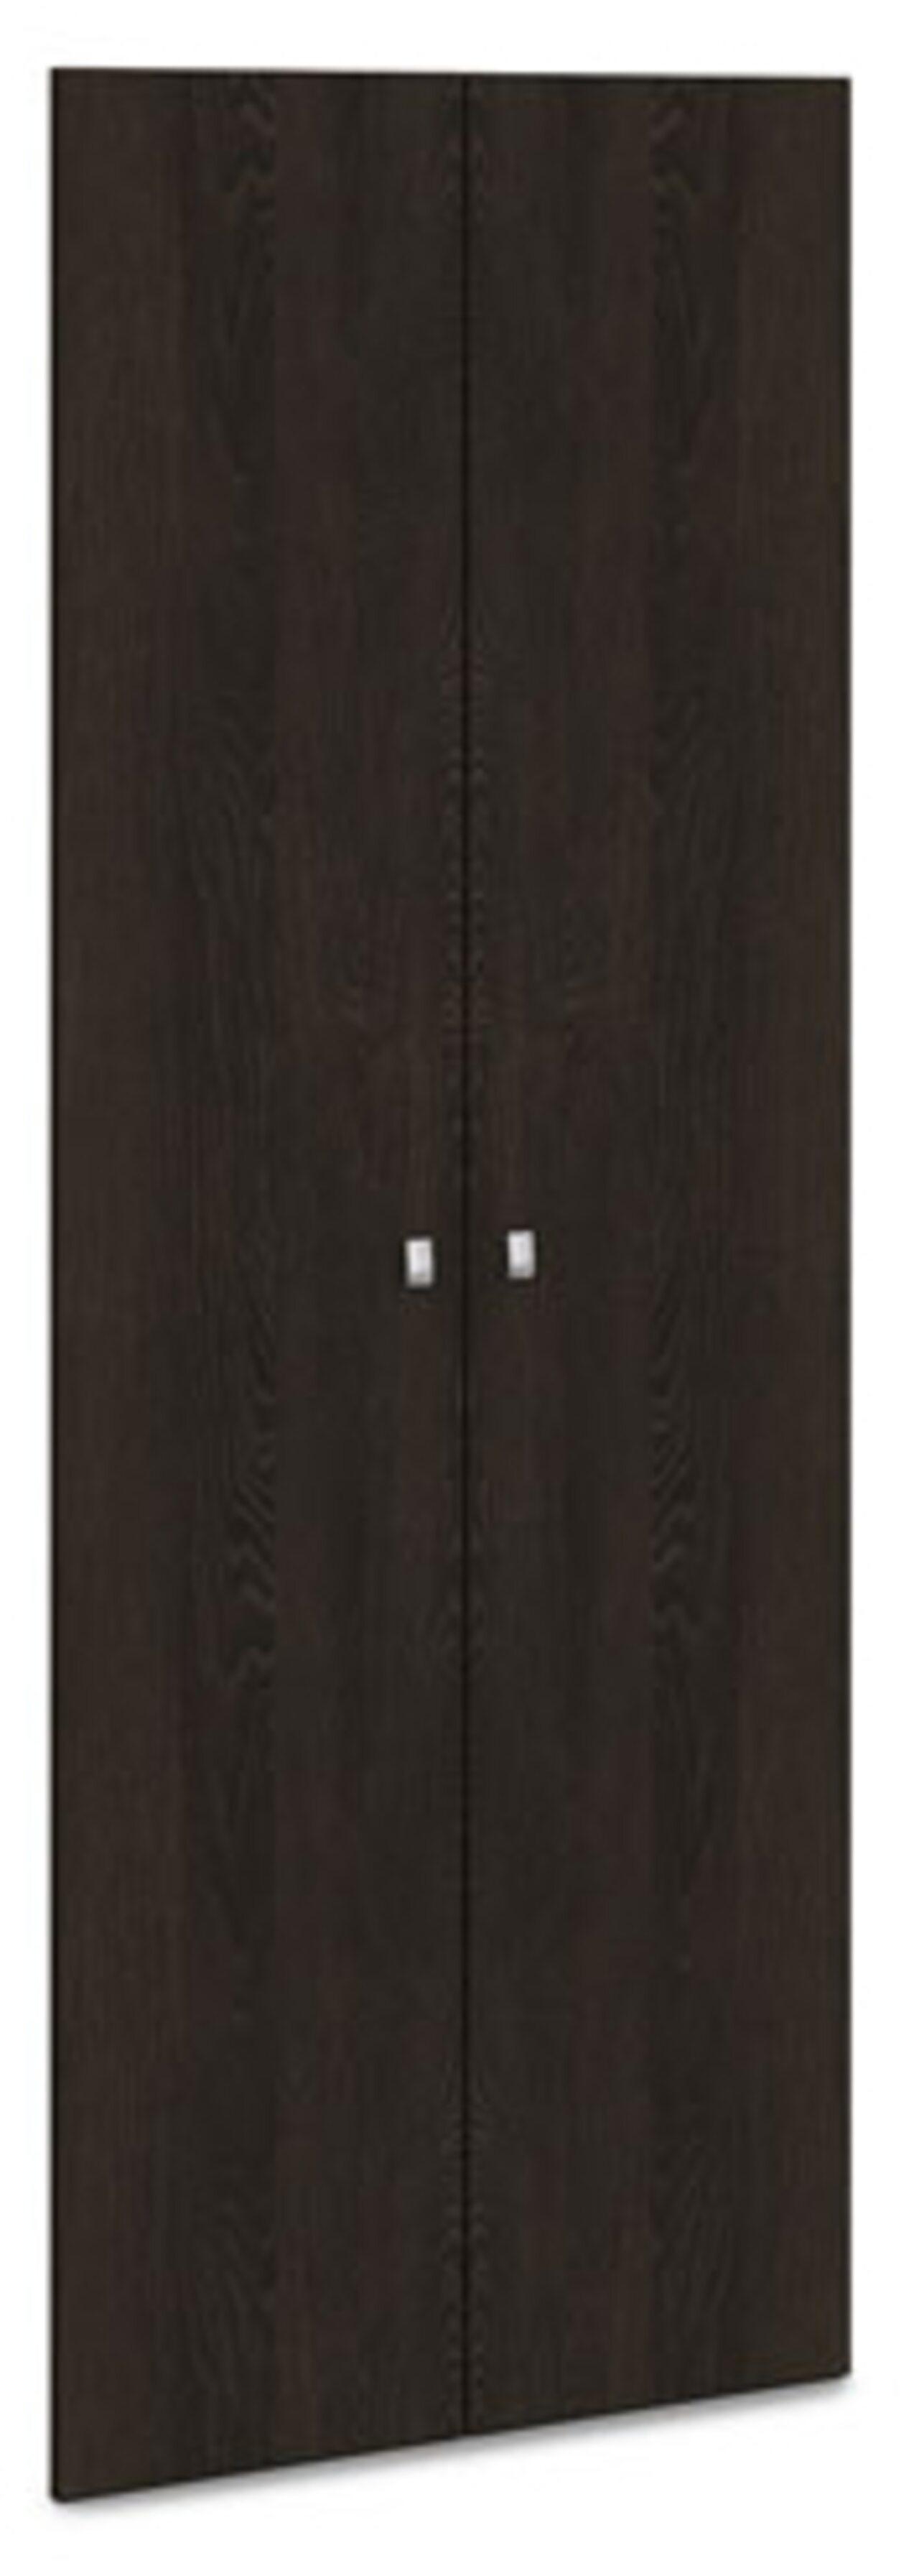 Двери ЛДСП  Vasanta 81x2x211 - фото 3